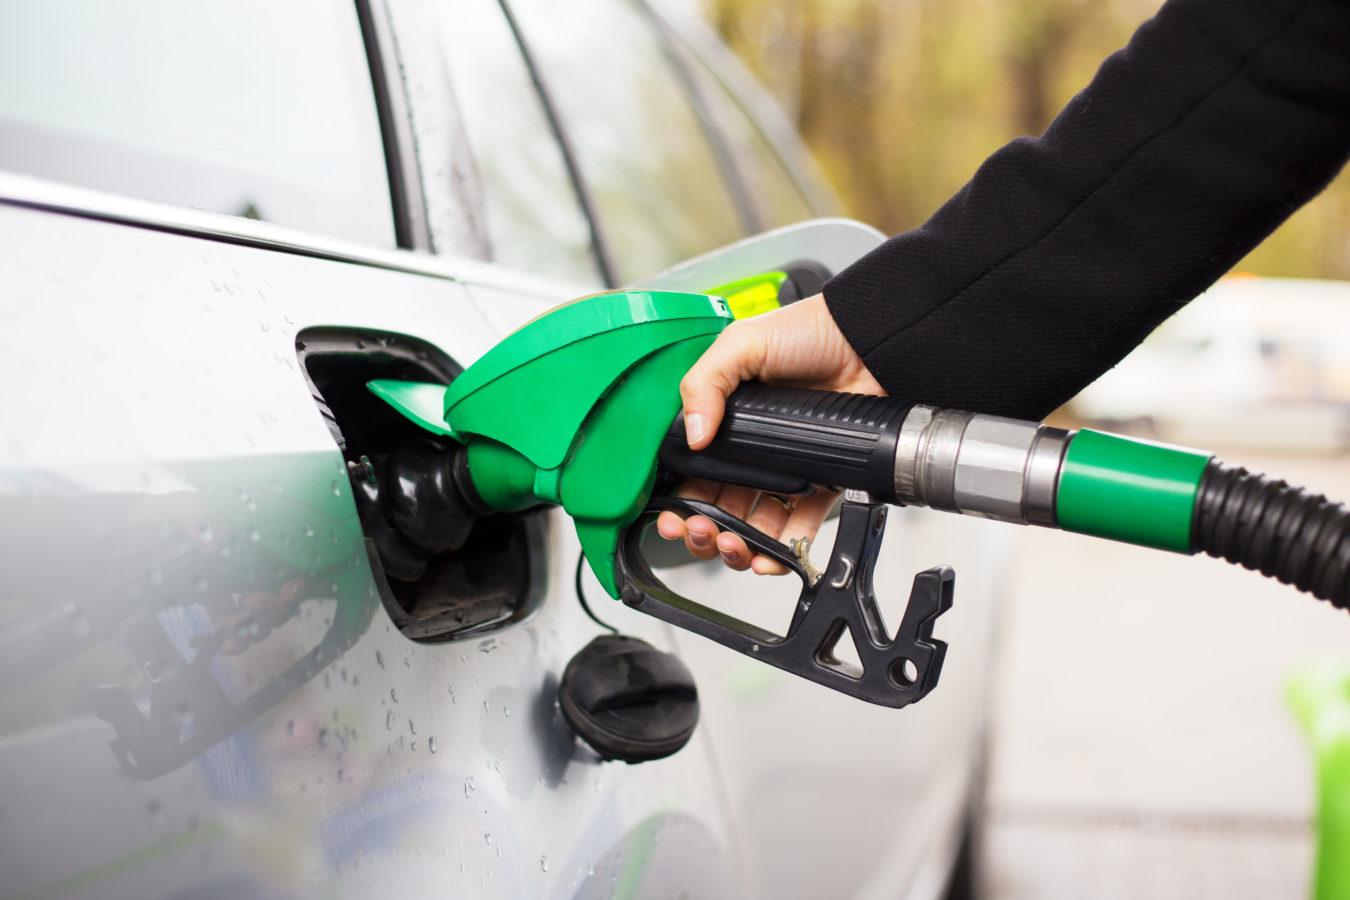 Les voitures neuves consomment en moyenne encore 6,39 litres aux 100 kilomètres